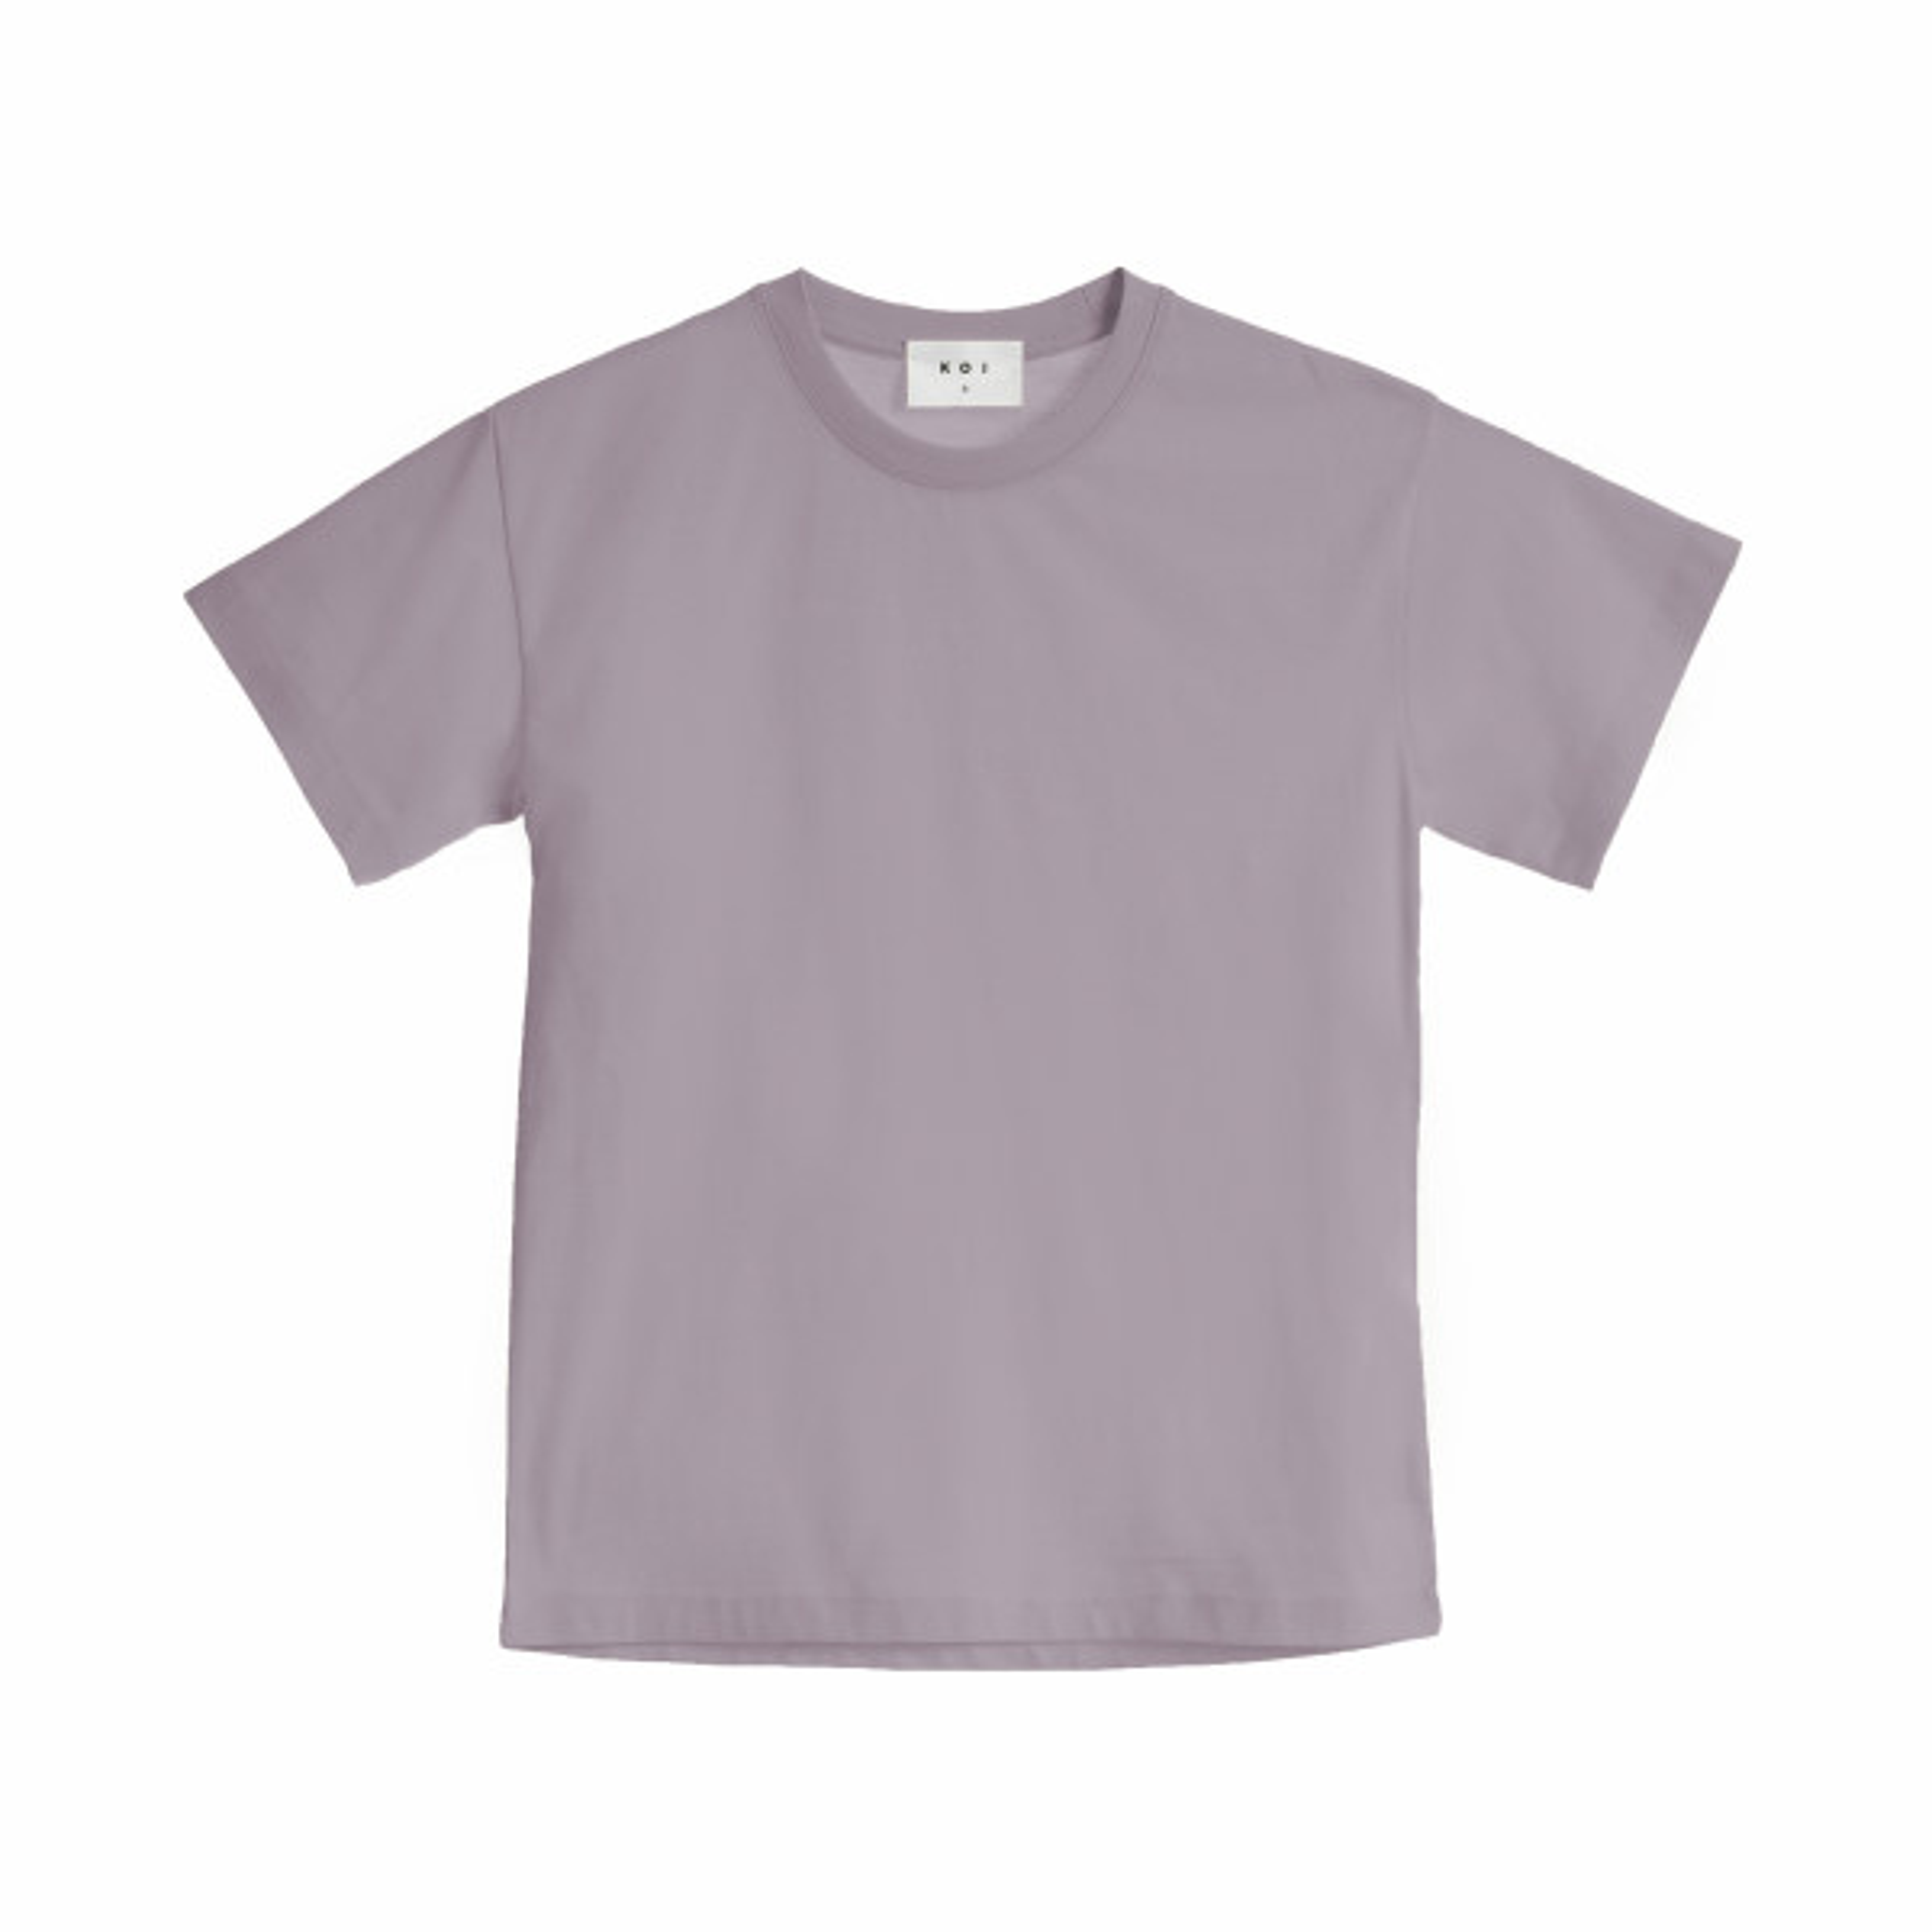 تی شرت آستین کوتاه زنانه کوی مدل هی گرل رنگ بنفش